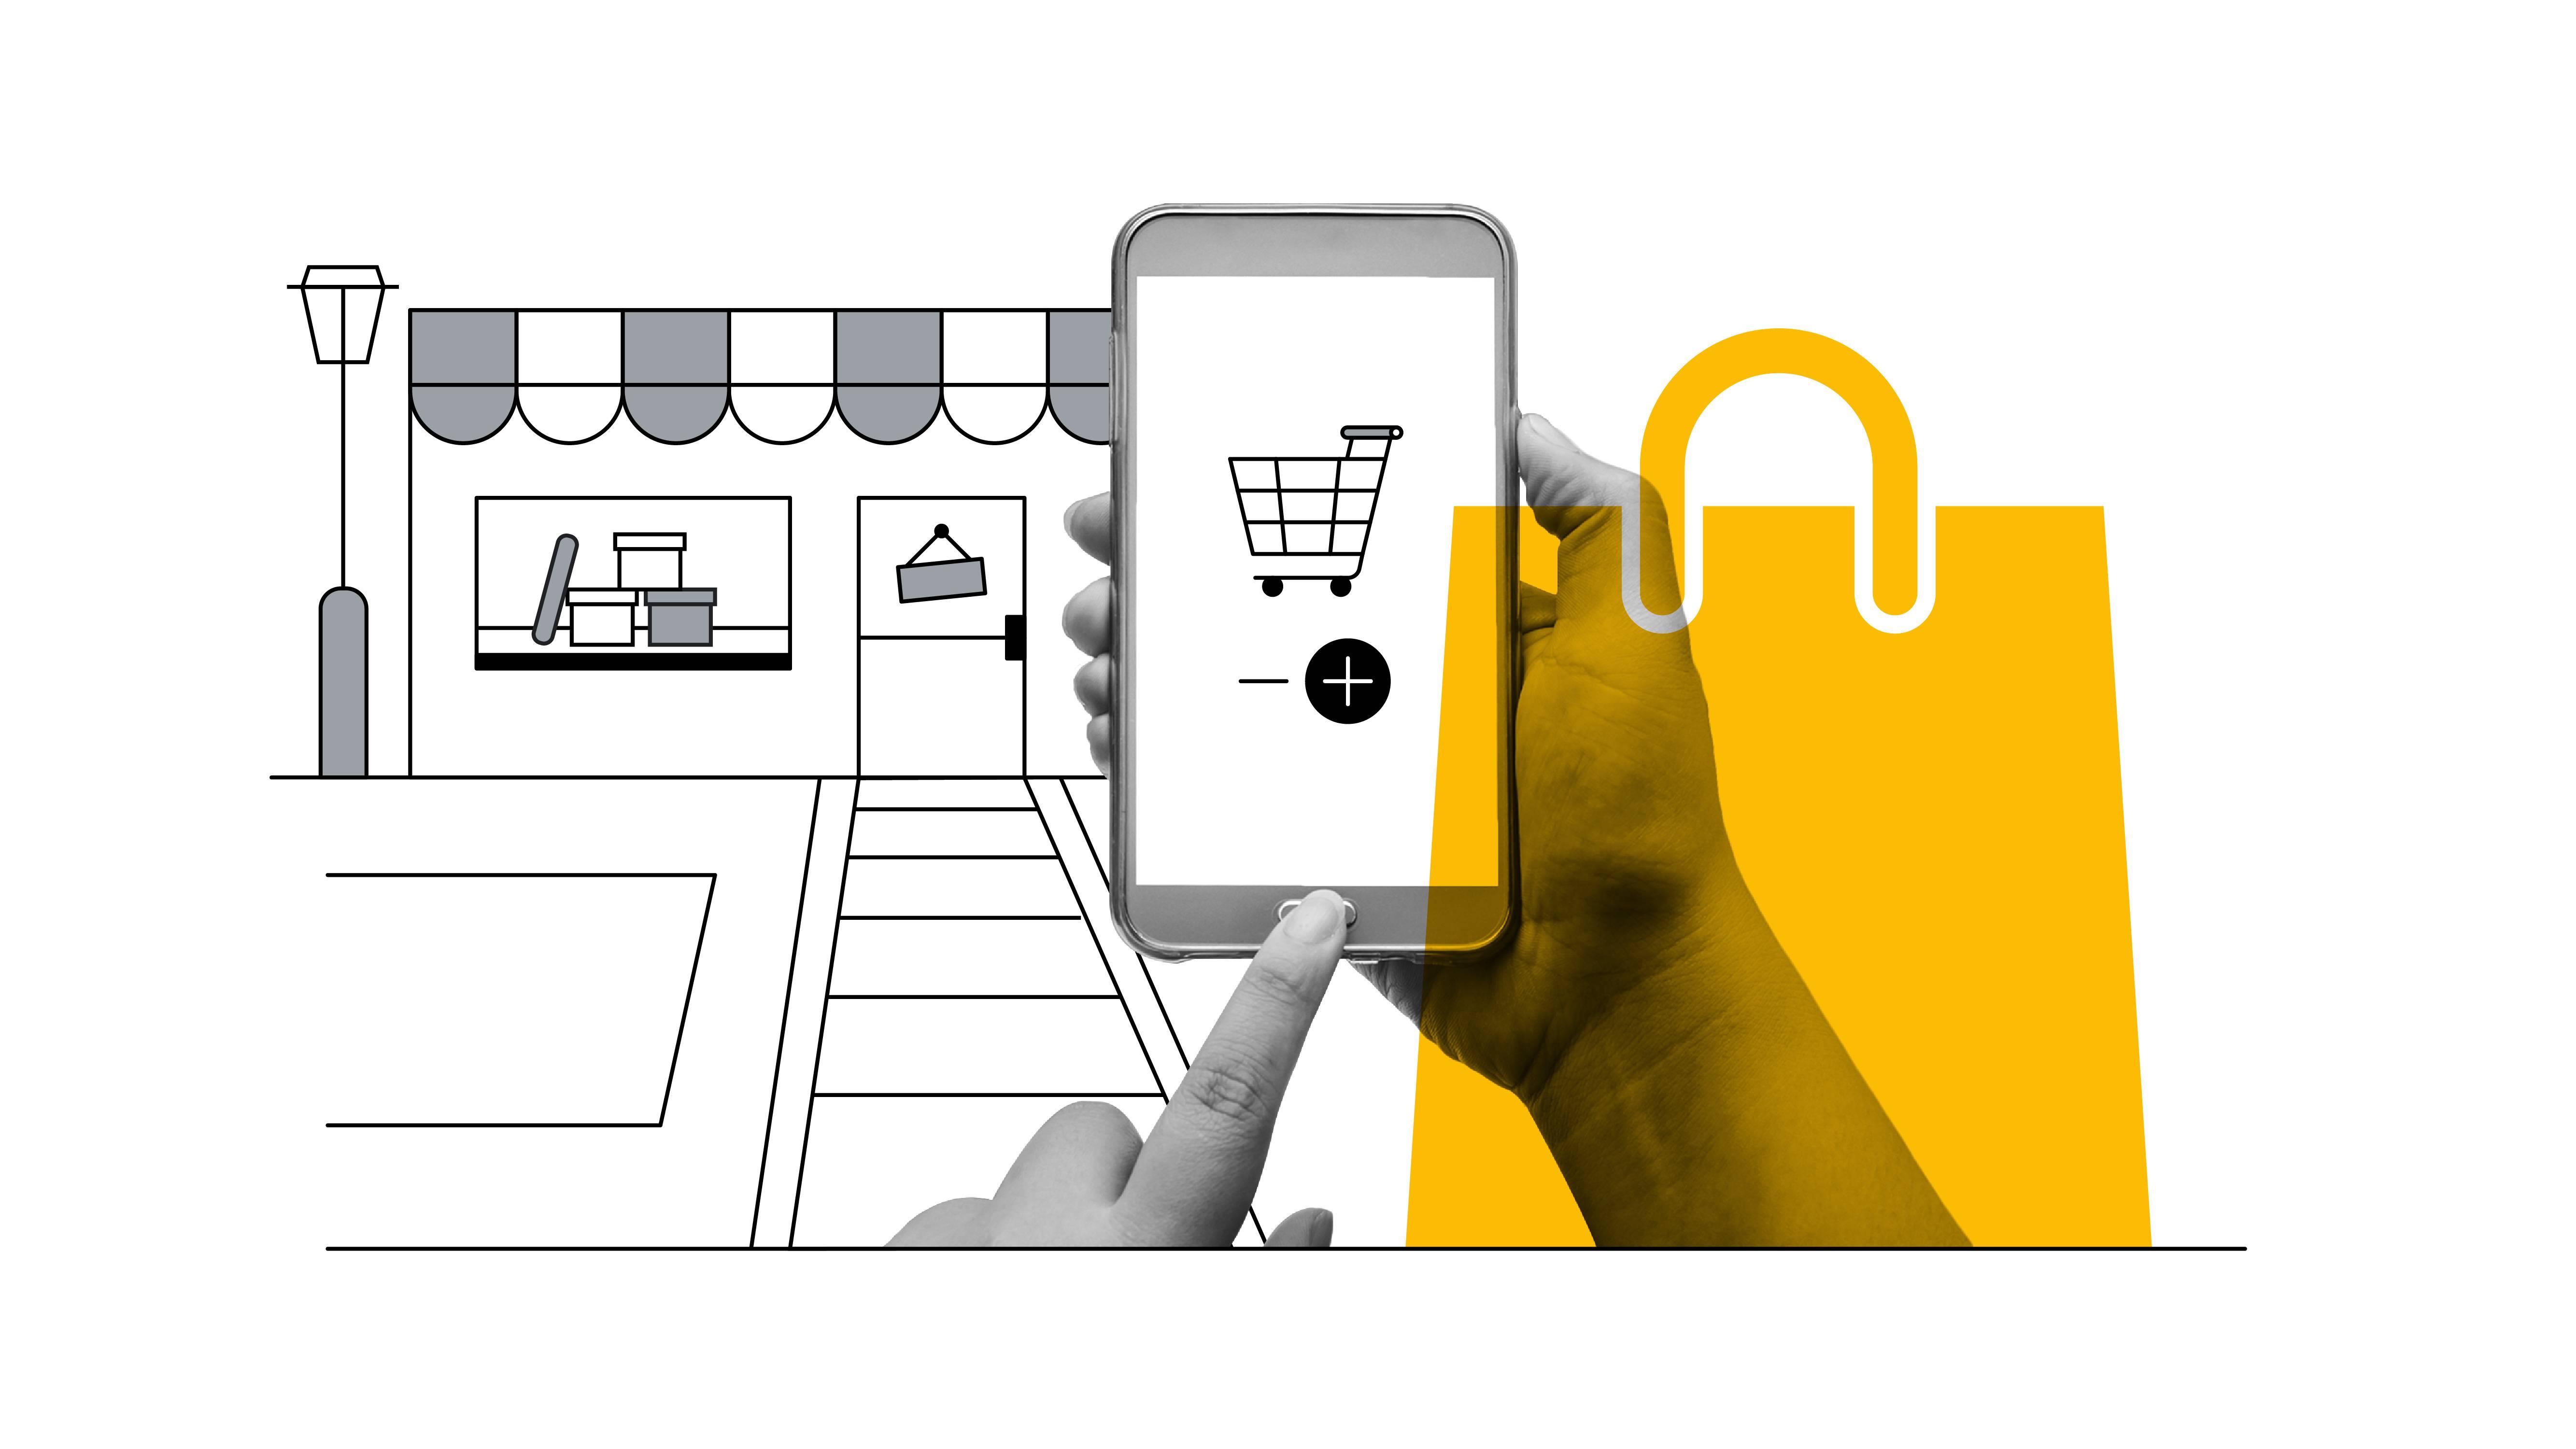 Une photo en noir et blanc montre une personne qui regarde son smartphone et envisage d'effectuer un achat, avec un grand panier d'achat affiché à l'écran. À l'arrière-plan, une illustration en noir et blanc représente une vitrine contenant des boîtes. Un